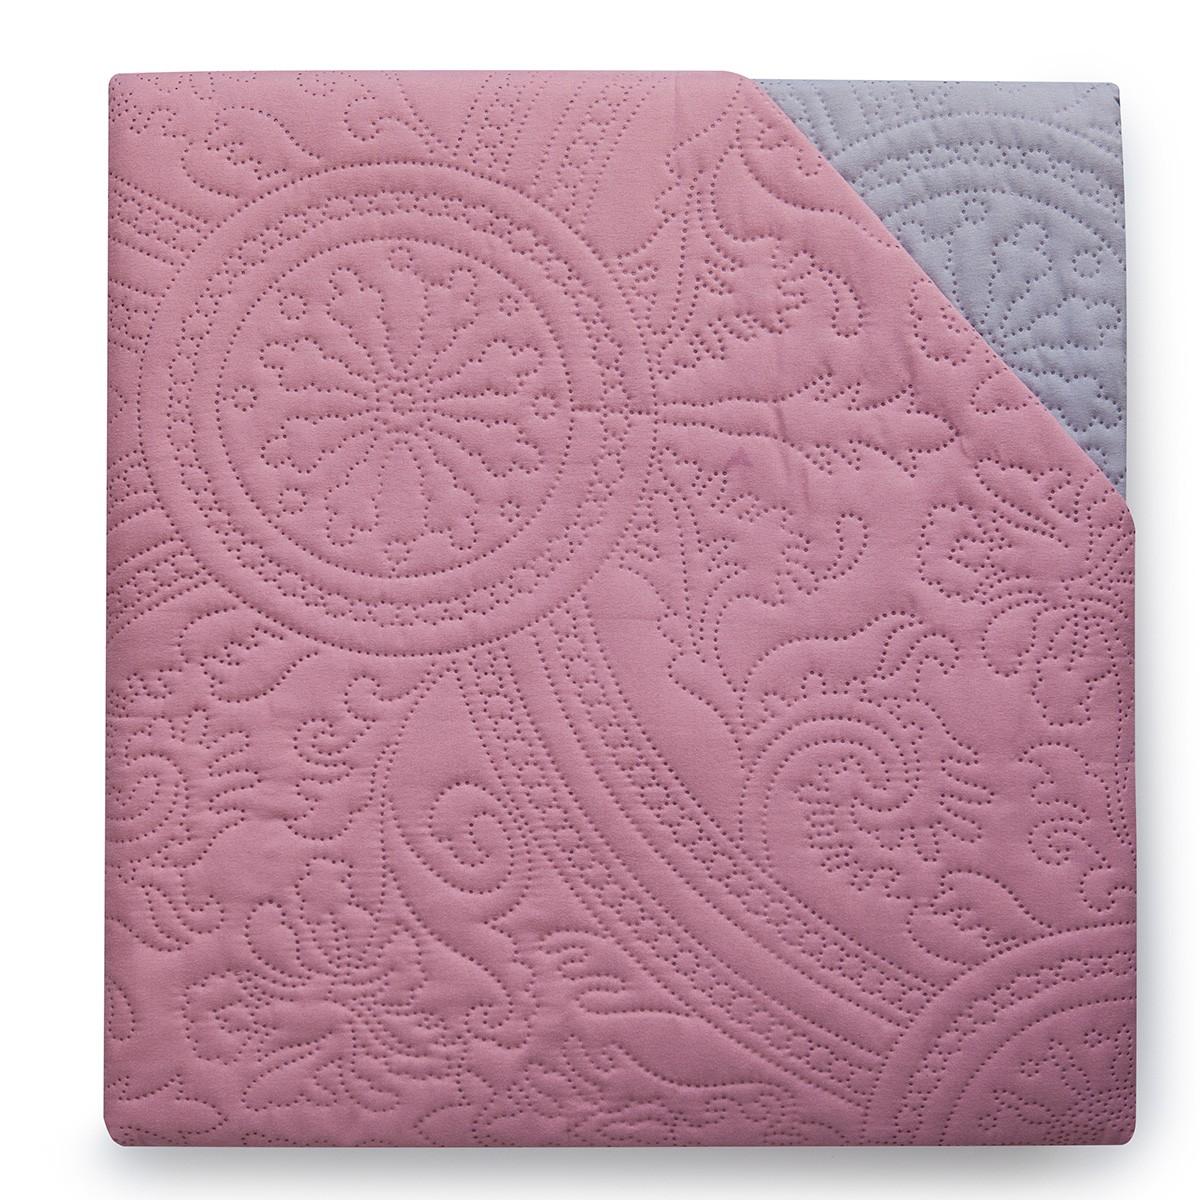 Κουβερλί Υπέρδιπλο Διπλής Όψης Melinen Rose/Grey